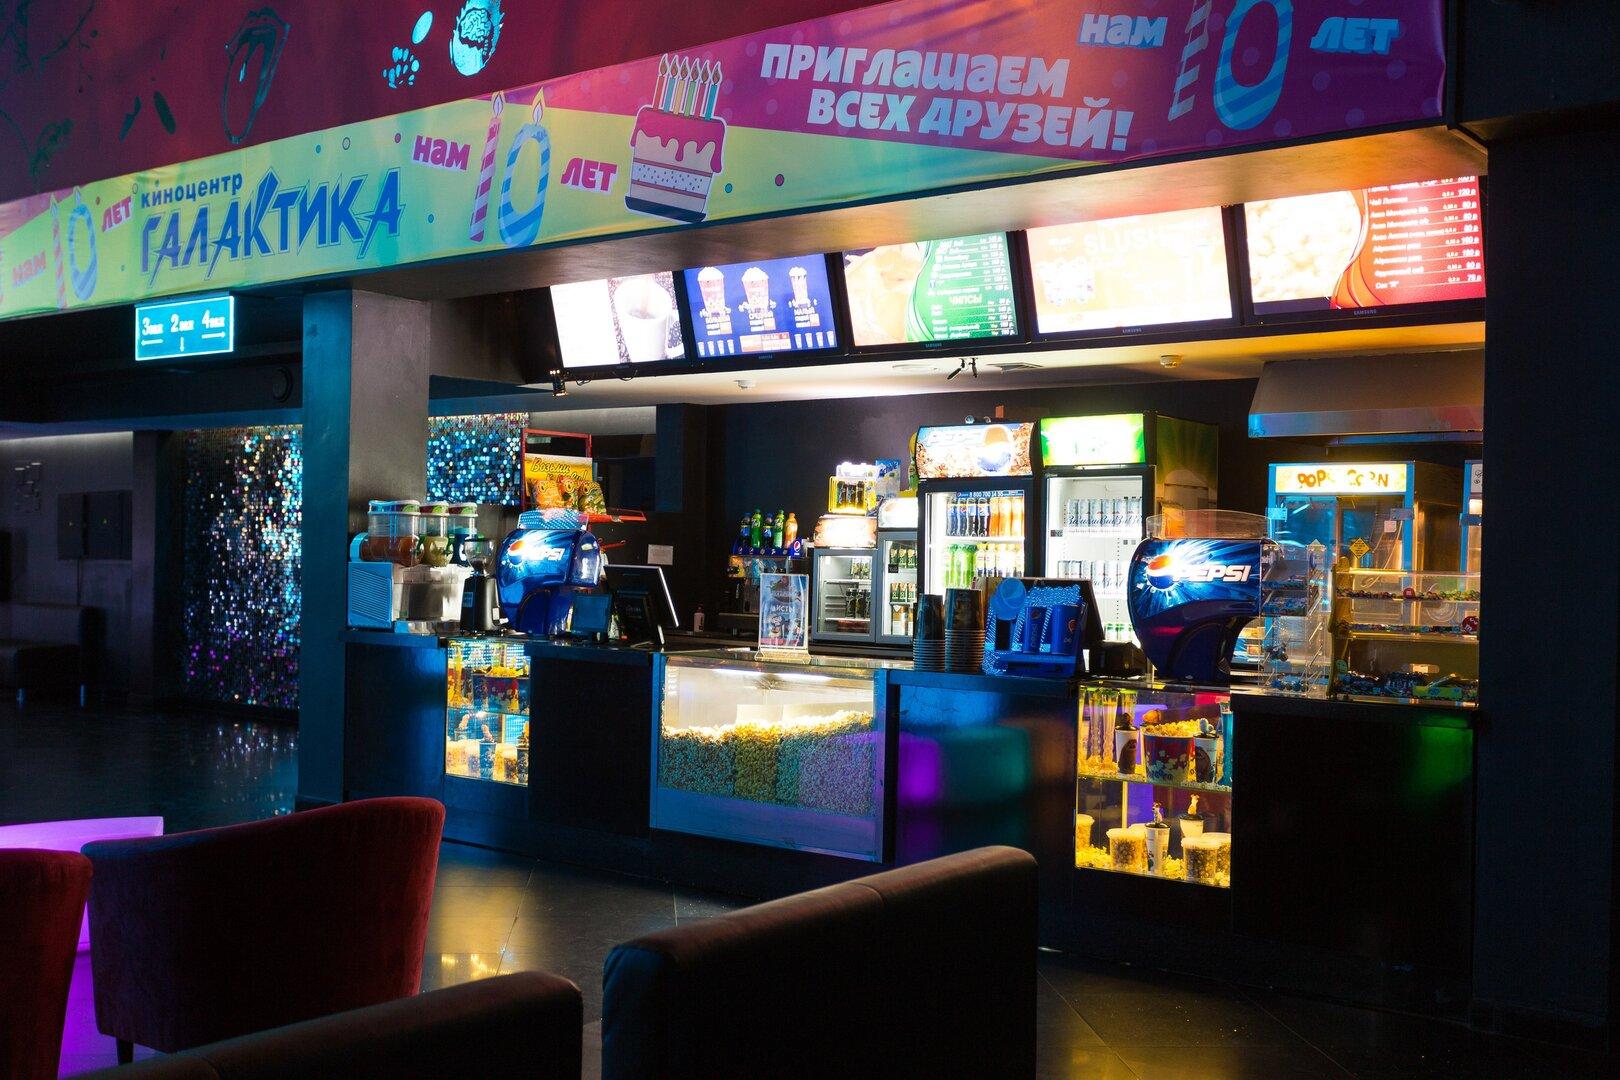 Омск афиша кино на завтра билеты купить а концерт харьков